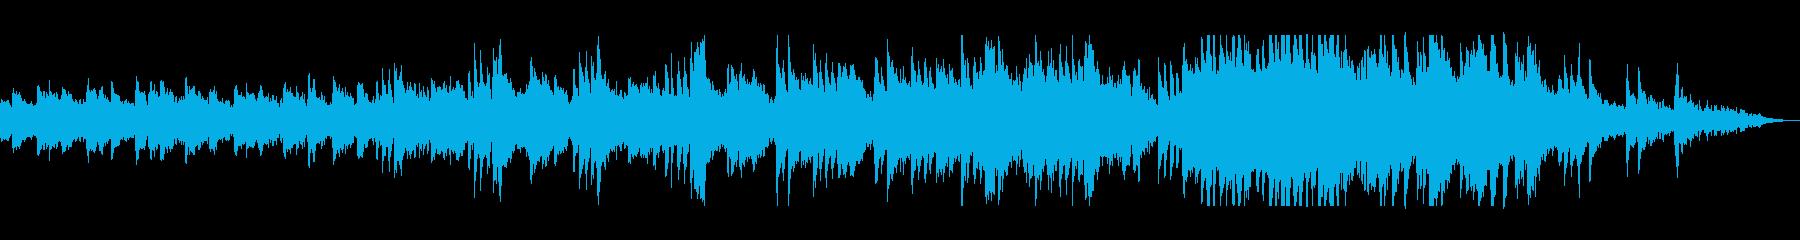 ピアノとハープのリラックス癒しサウンドの再生済みの波形